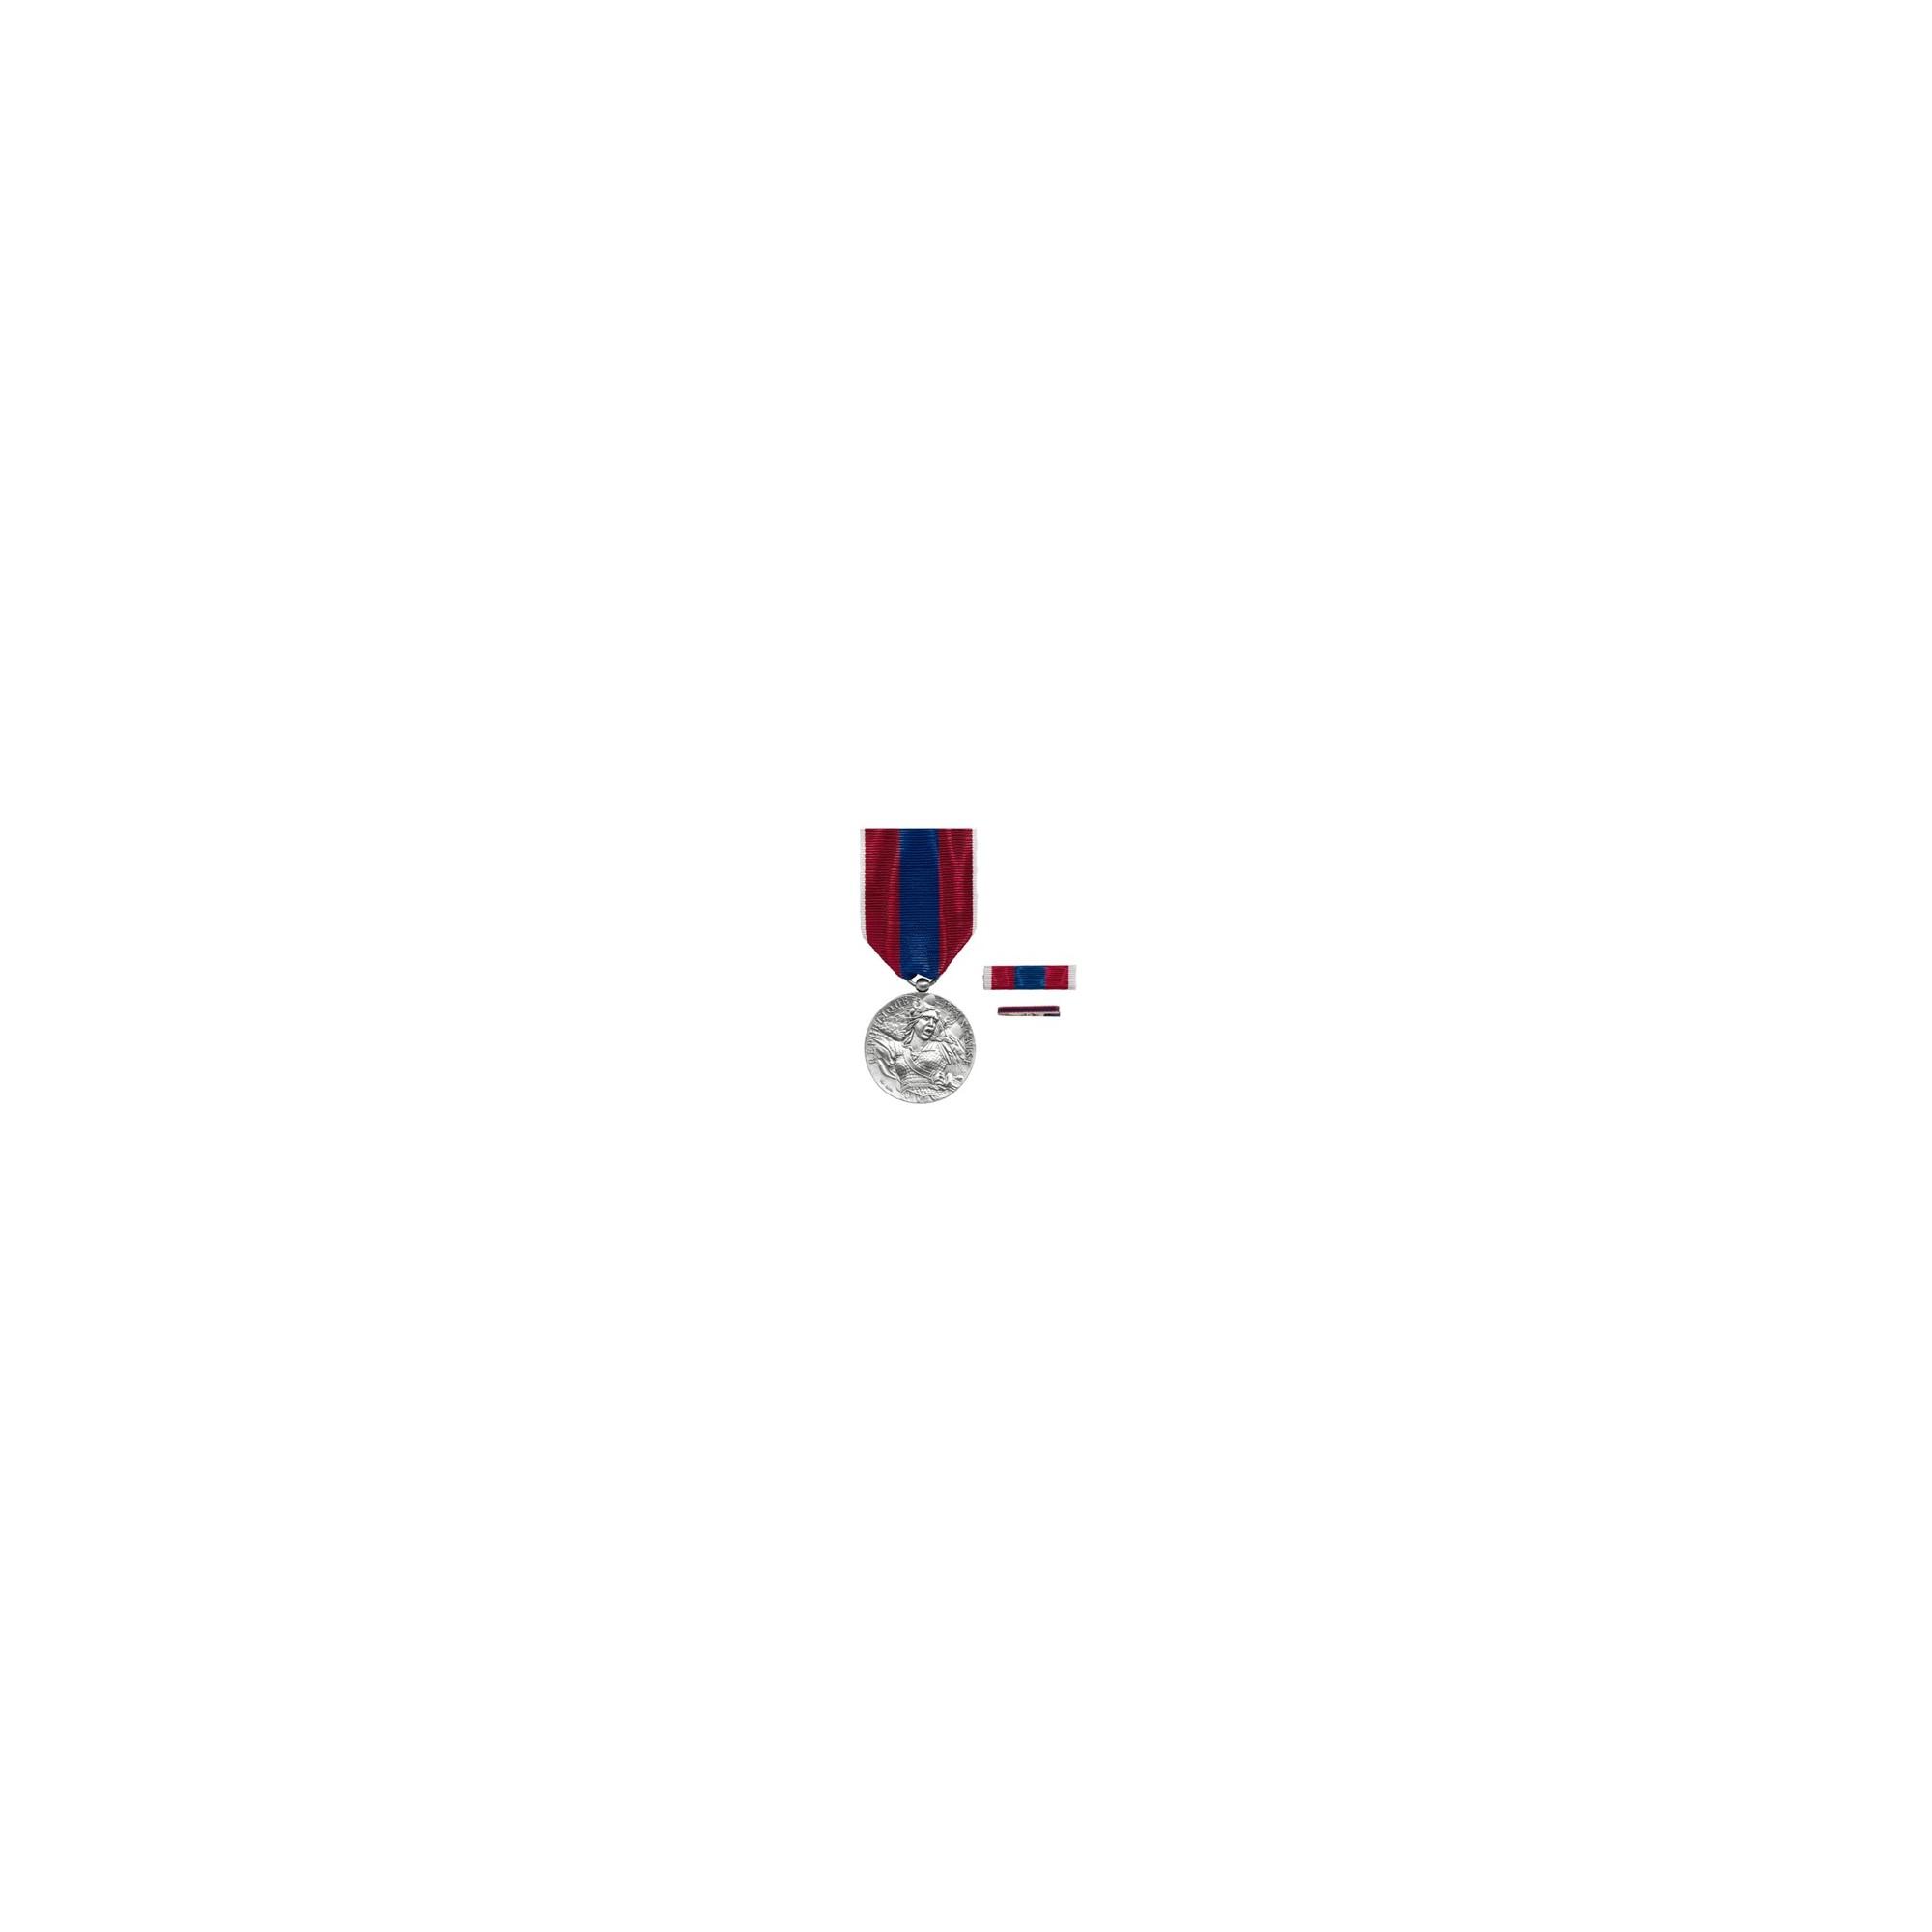 Médaille de la Défense Nationale - Argent